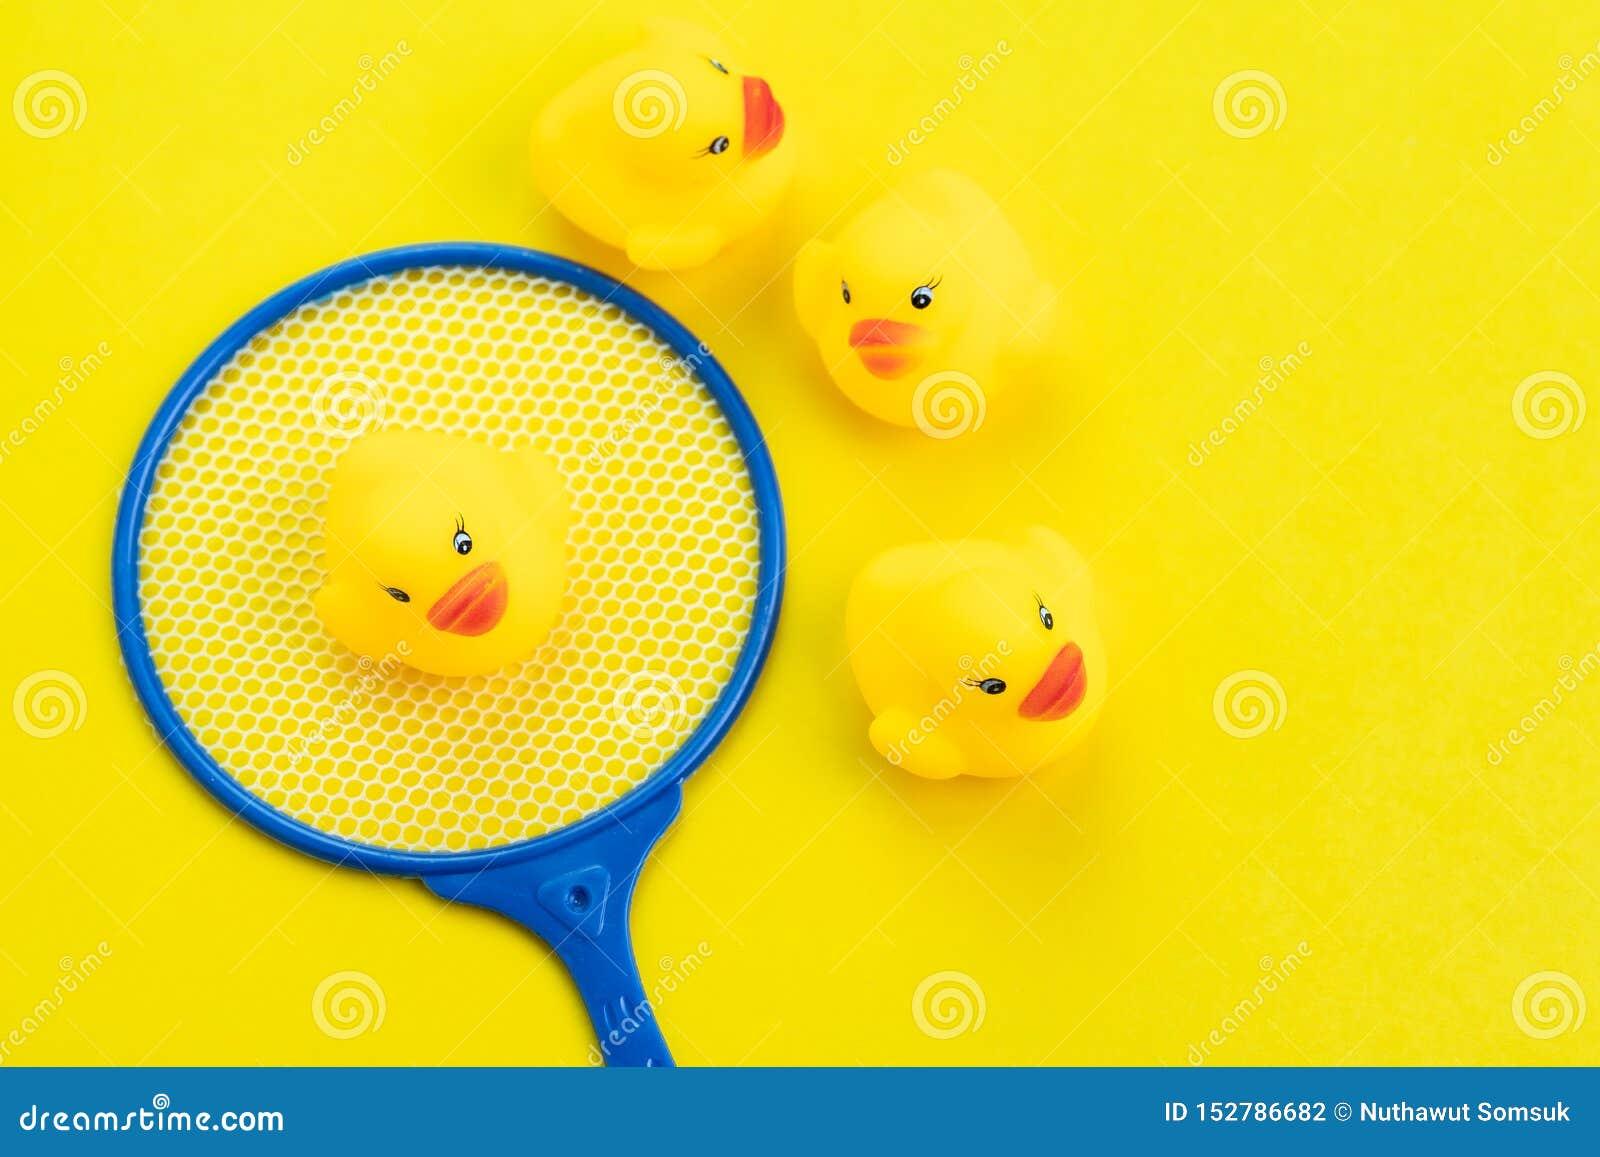 Grupp av gula gulliga gummiänder med vald i gullig liten håv på fast gul bakgrund genom att använda som sökande eller